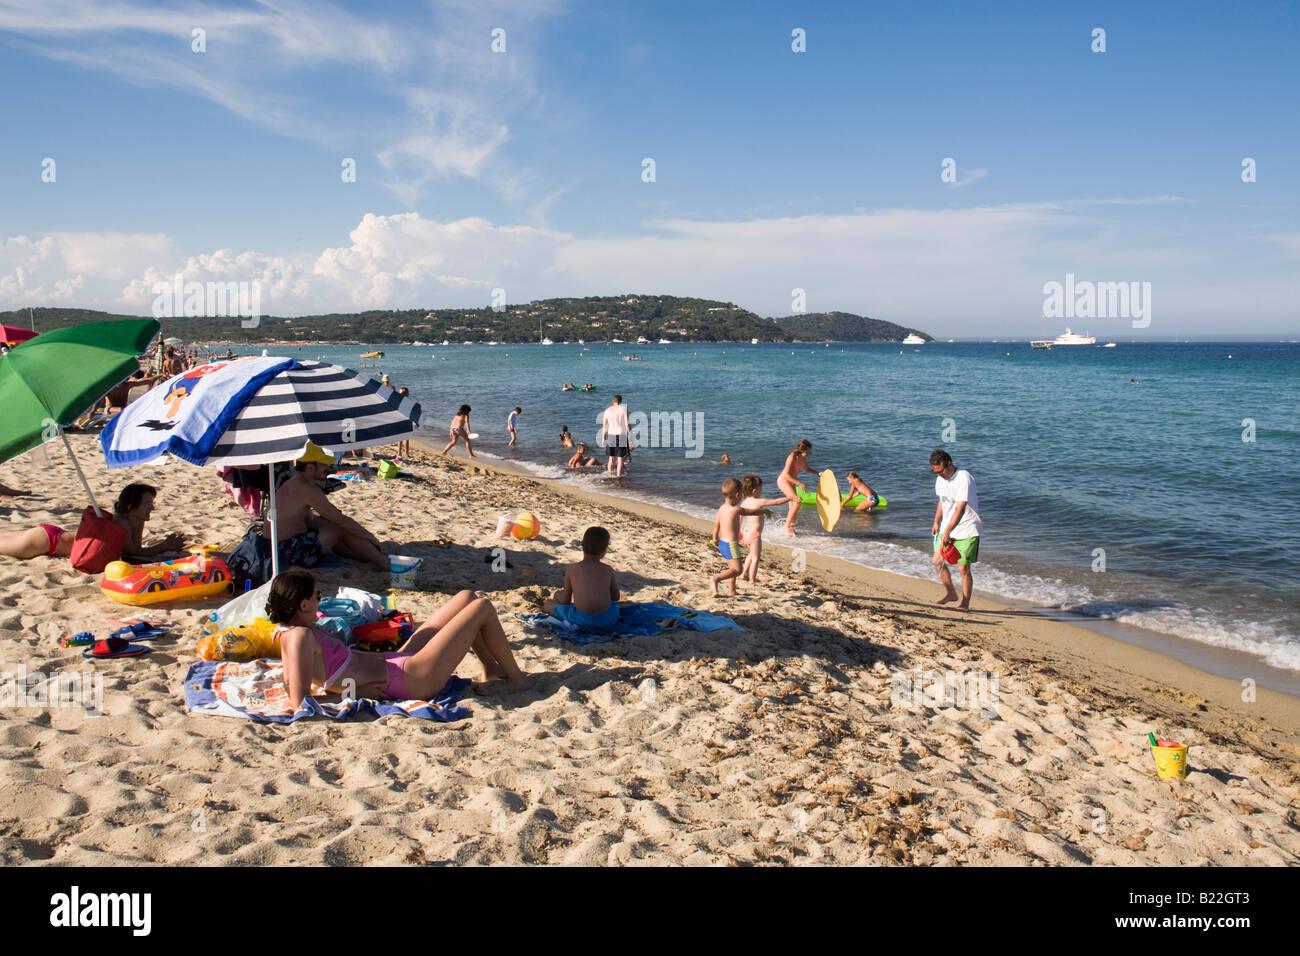 Plage de pampelonne beach of st tropez france cote d 39 azur stock photo royalty free image - Plage de saint tropez ...